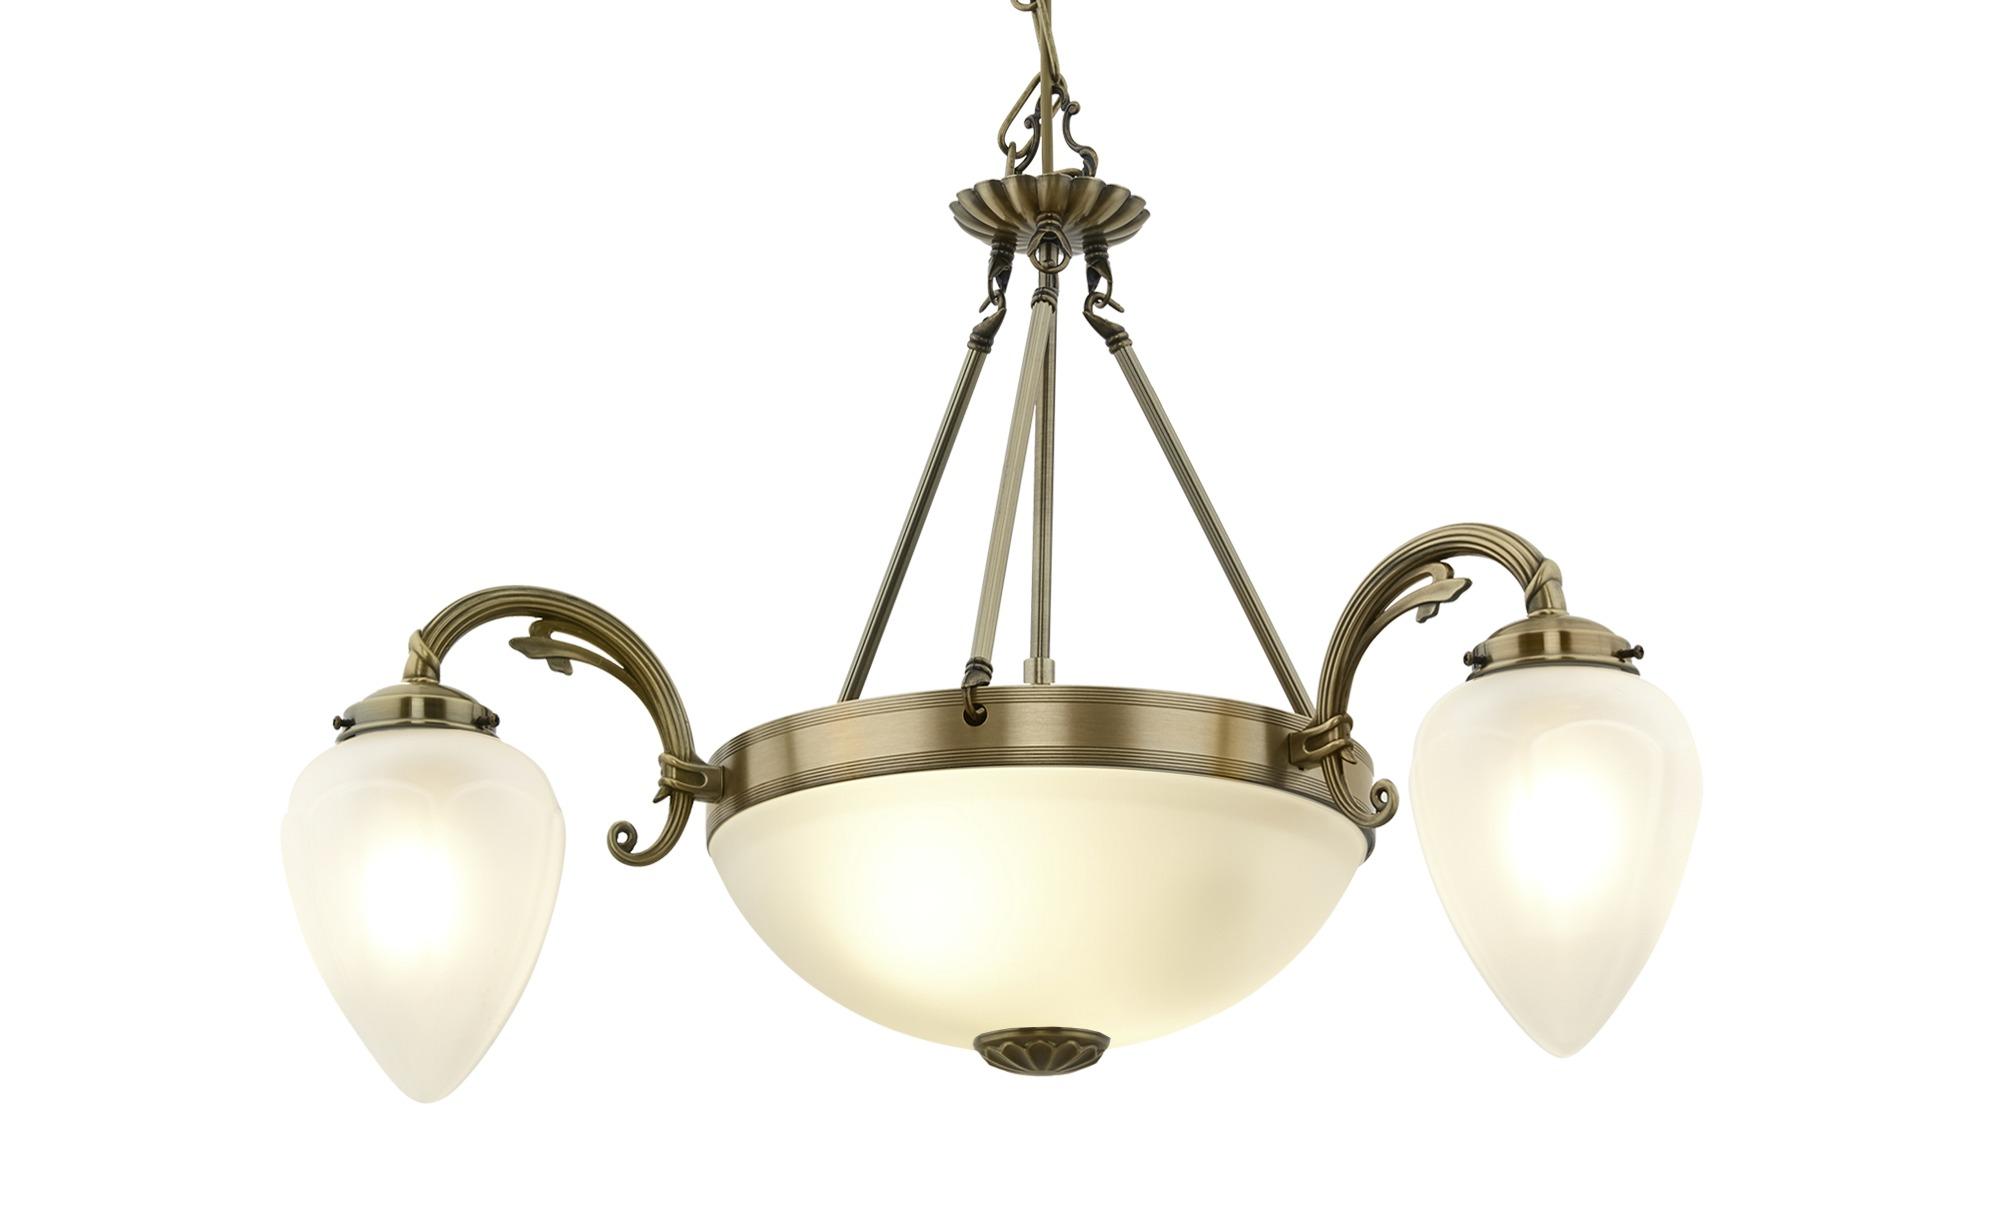 KHG Kronleuchter ¦ gold ¦ Maße (cm): H: 146 Ø: 56 Lampen & Leuchten > Innenleuchten > Kronleuchter - Höffner